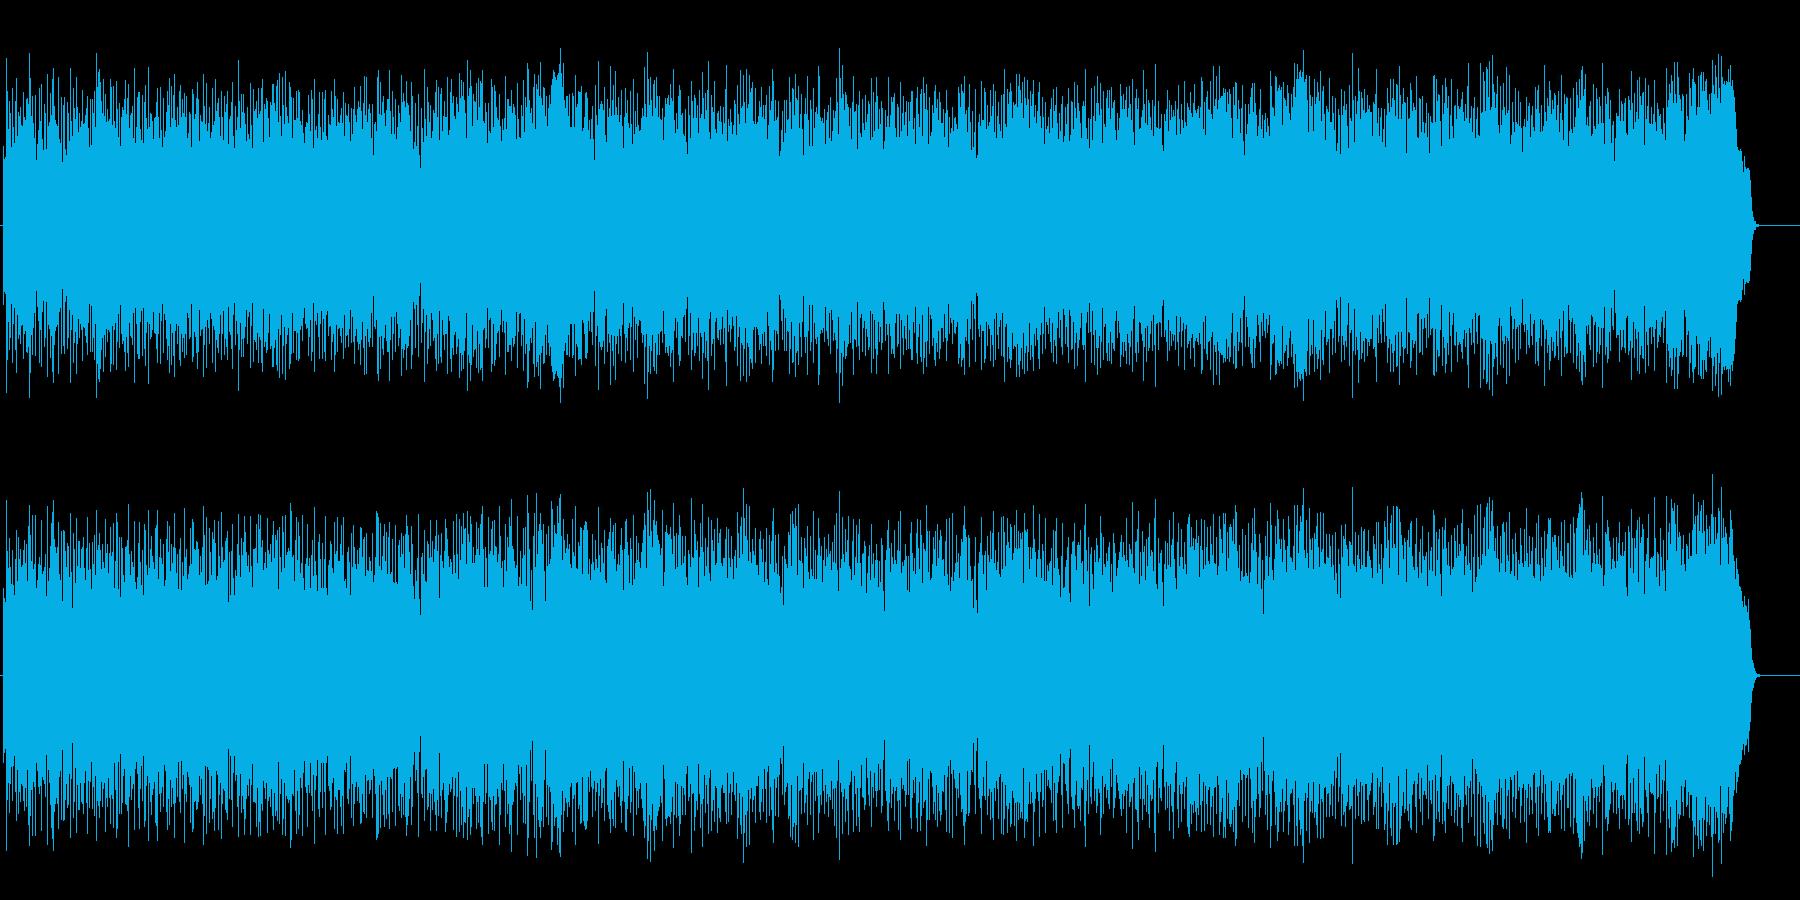 優しいライト・ポップス(フルサイズ)の再生済みの波形